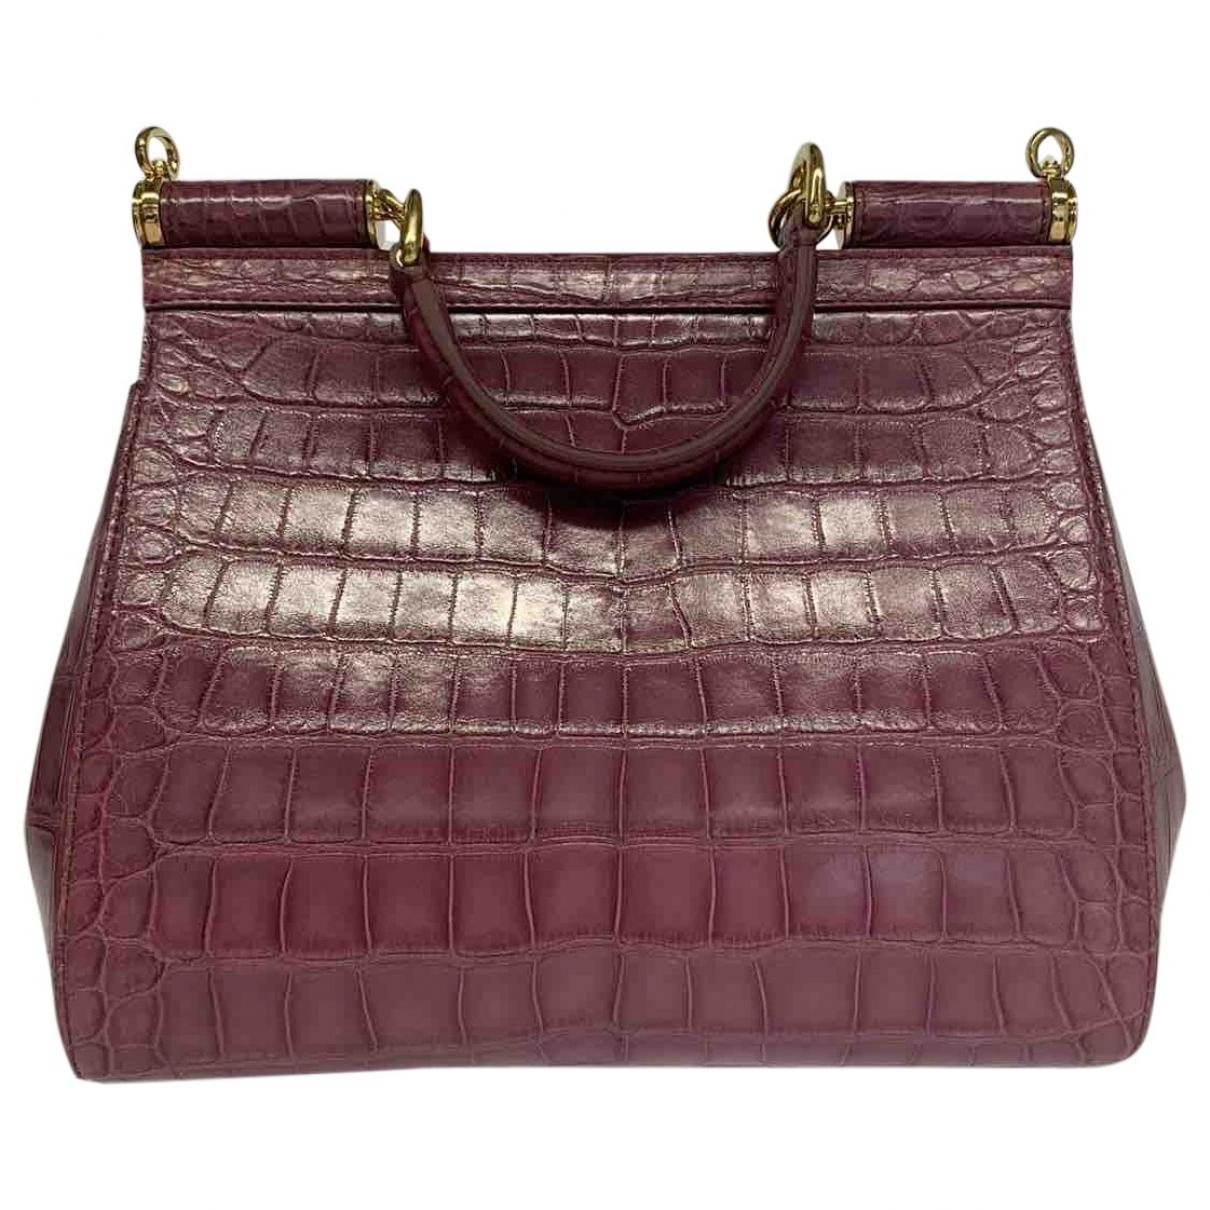 Dolce & Gabbana - Sac a main Sicily pour femme en crocodile - violet